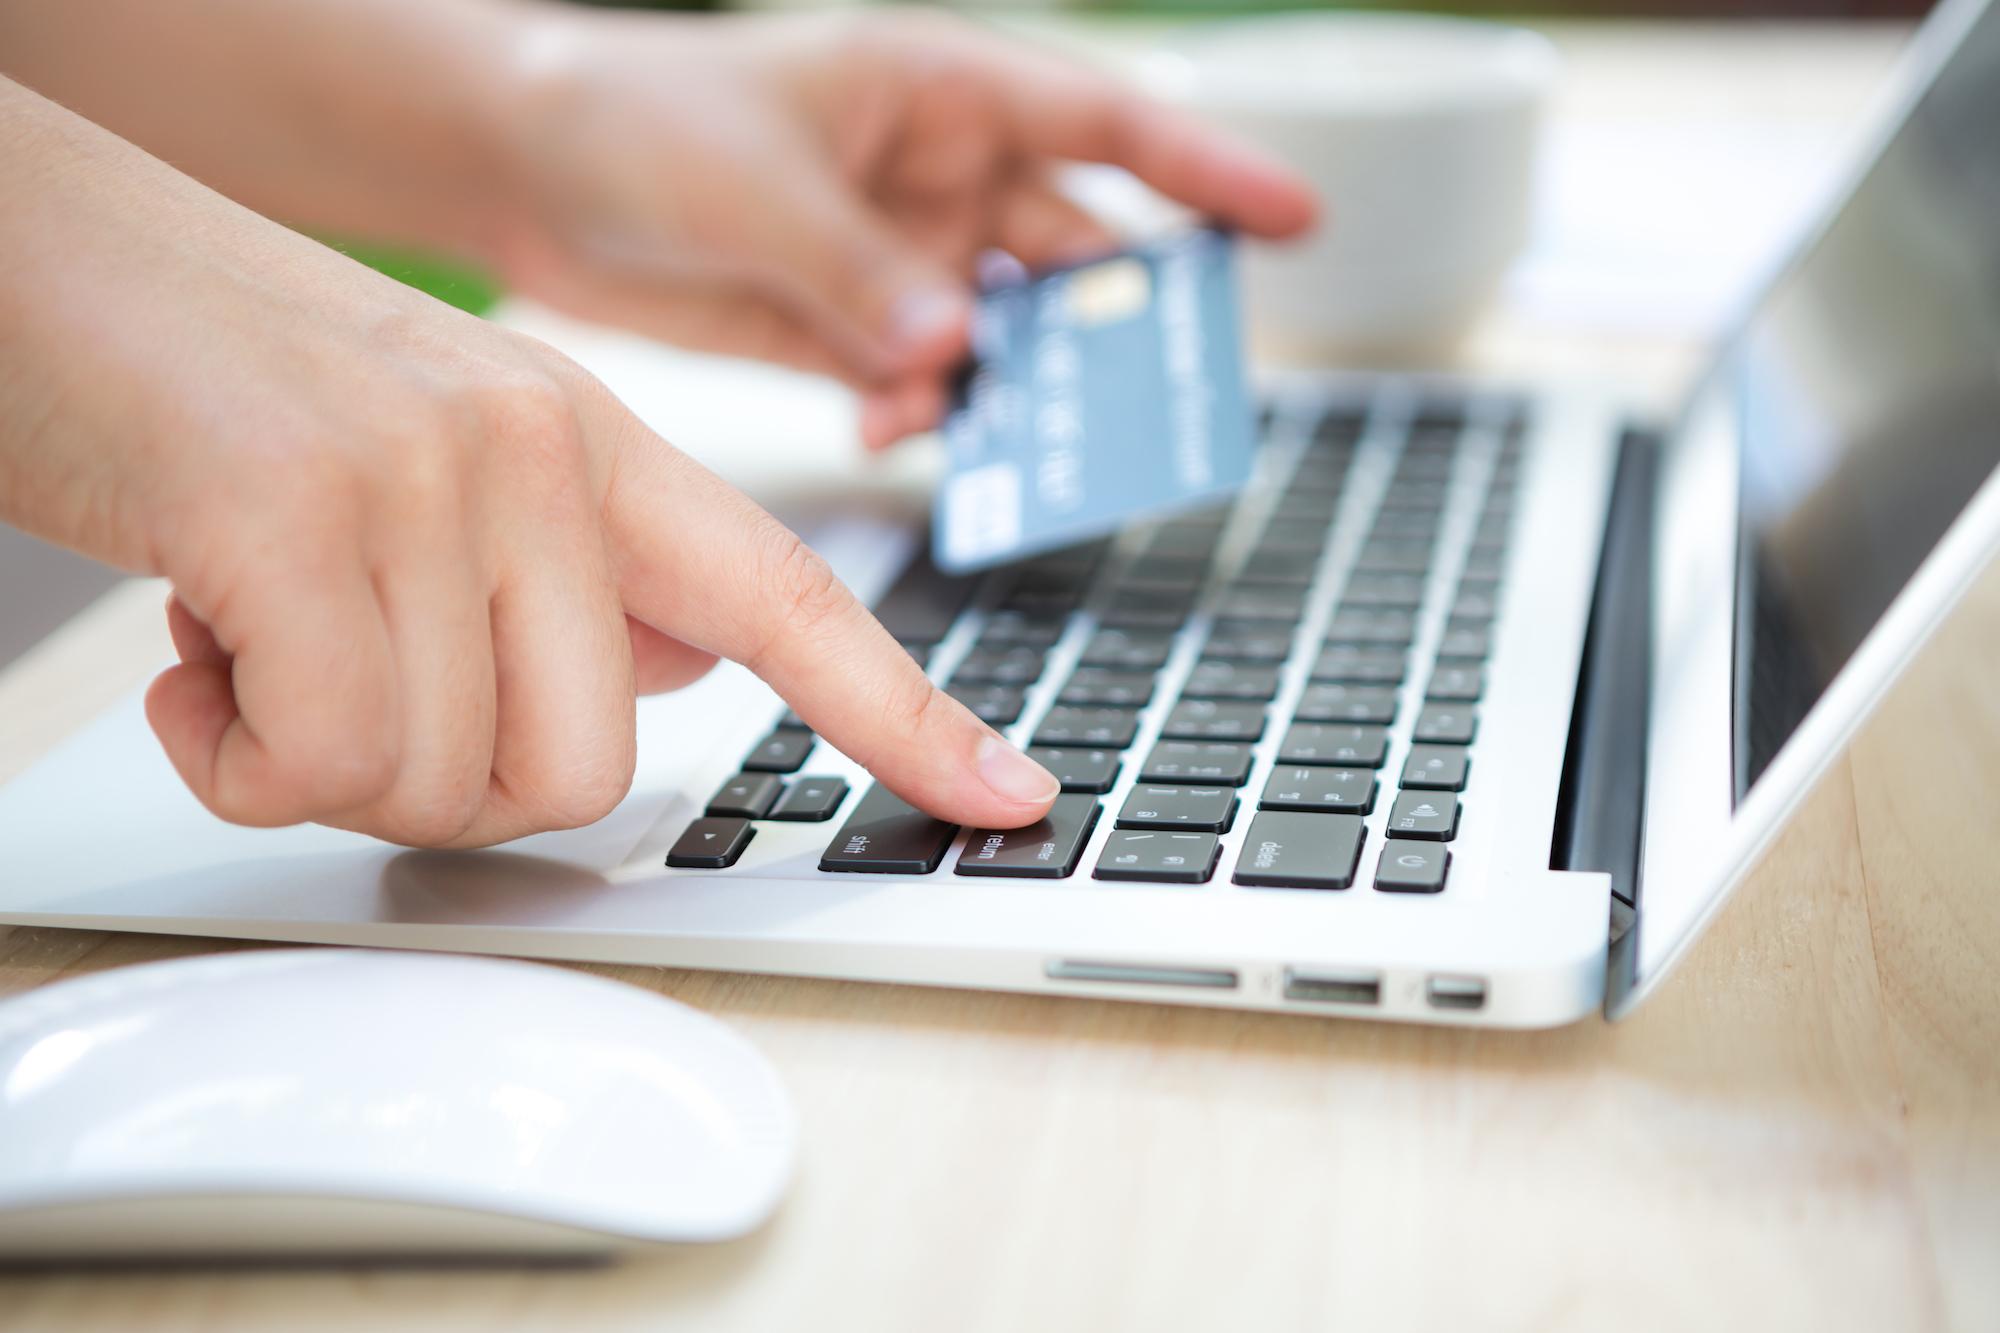 Купити авто, квартиру, айфон: що закарпатці найчастіше шукають в Інтернеті